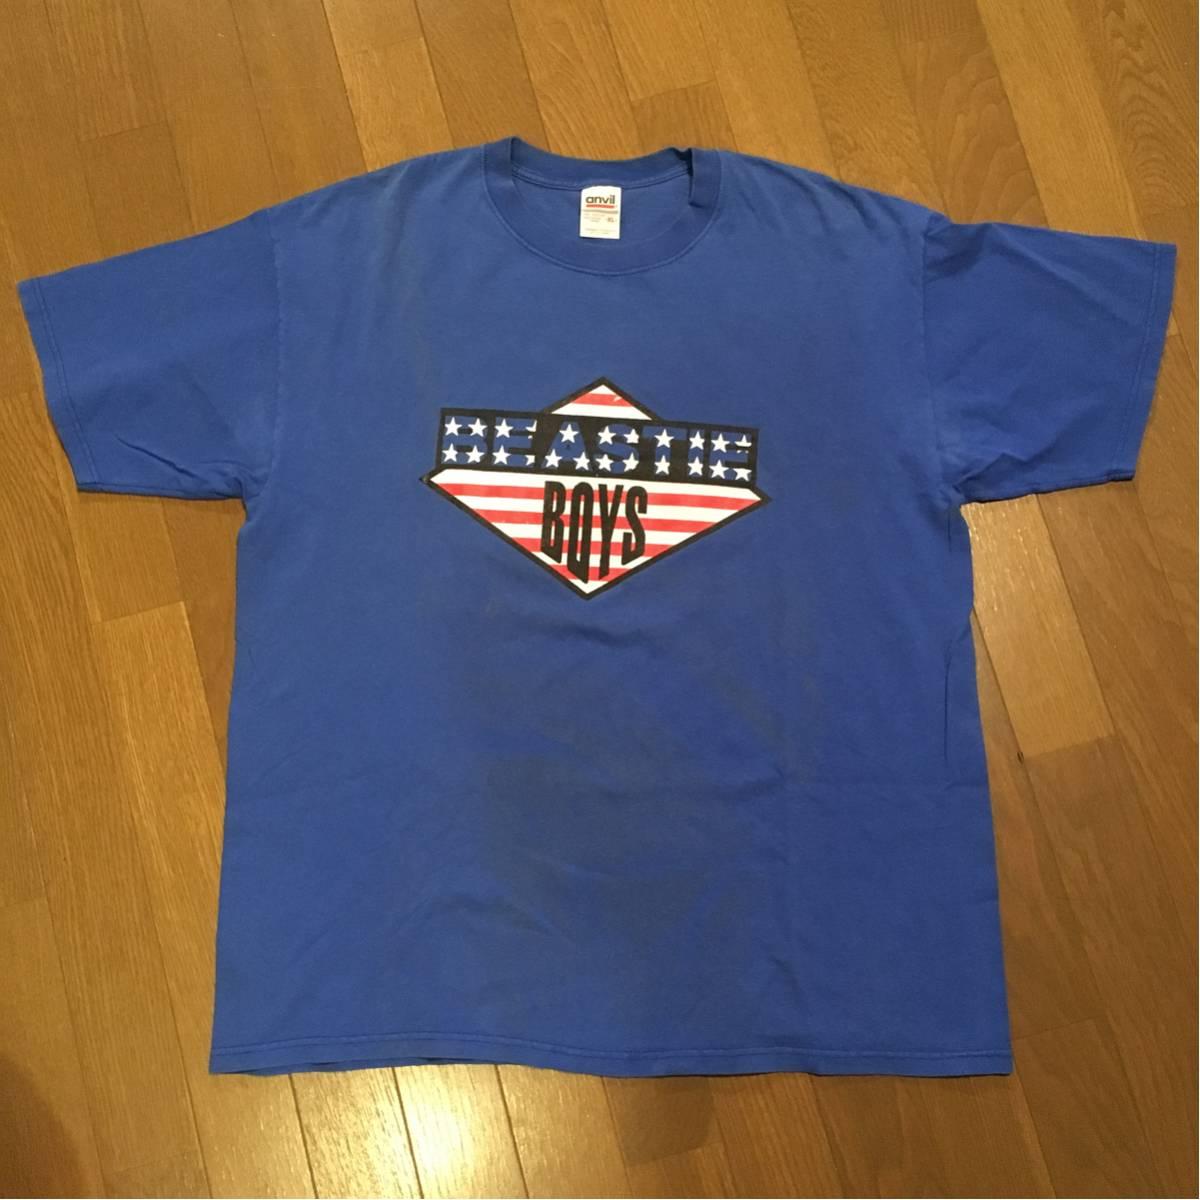 ビースティボーイズ ヴィンテージ Tシャツ beastie boys